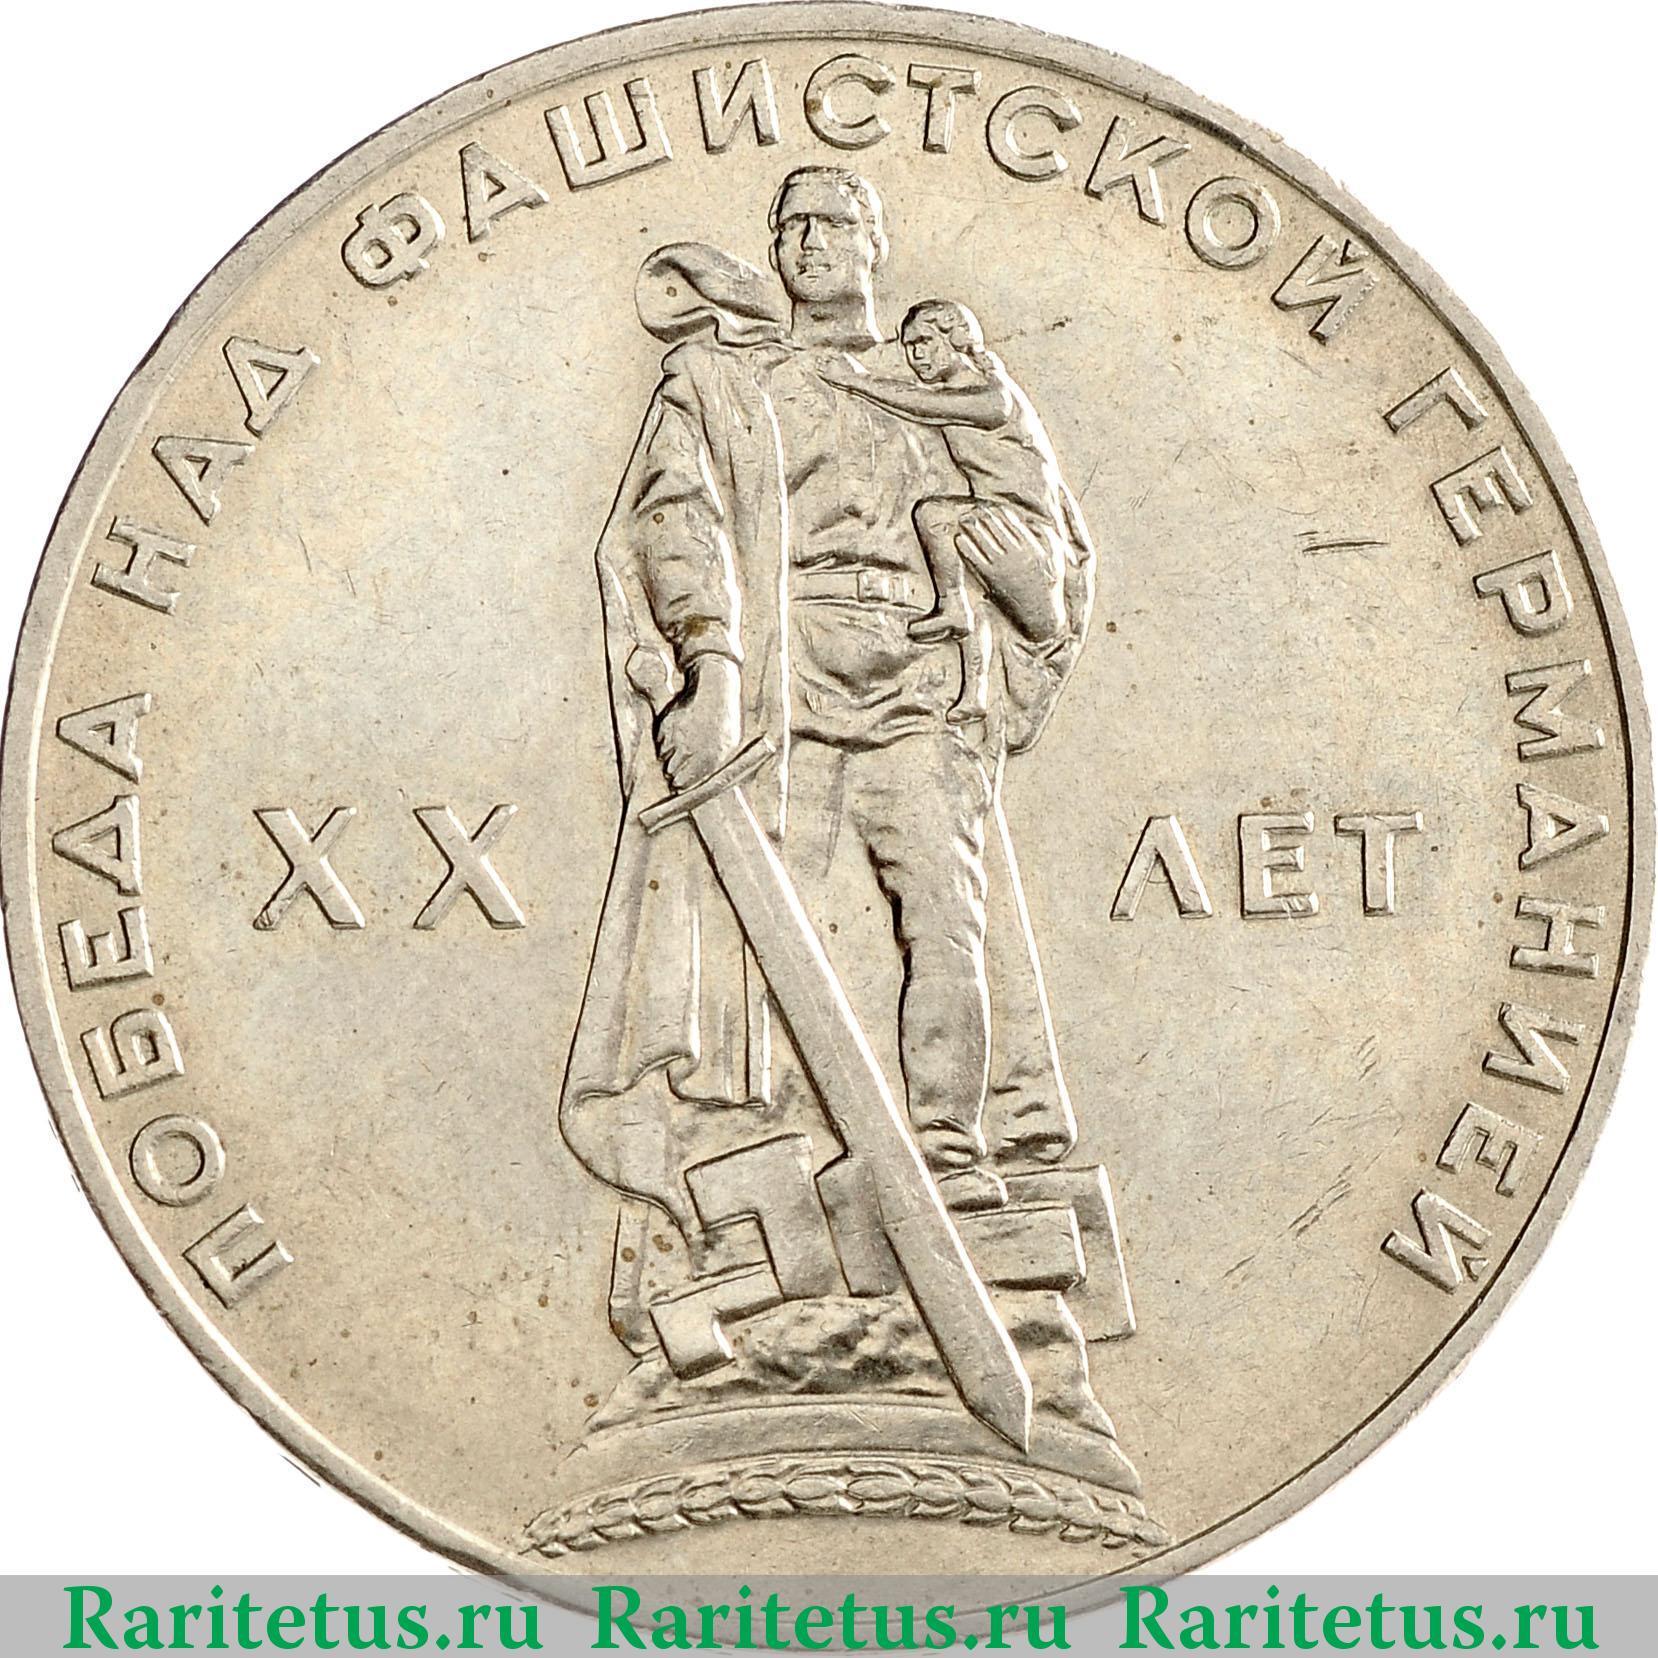 Монета 1 рубль победа над фашистской германией набор монет 5 рублей 2016